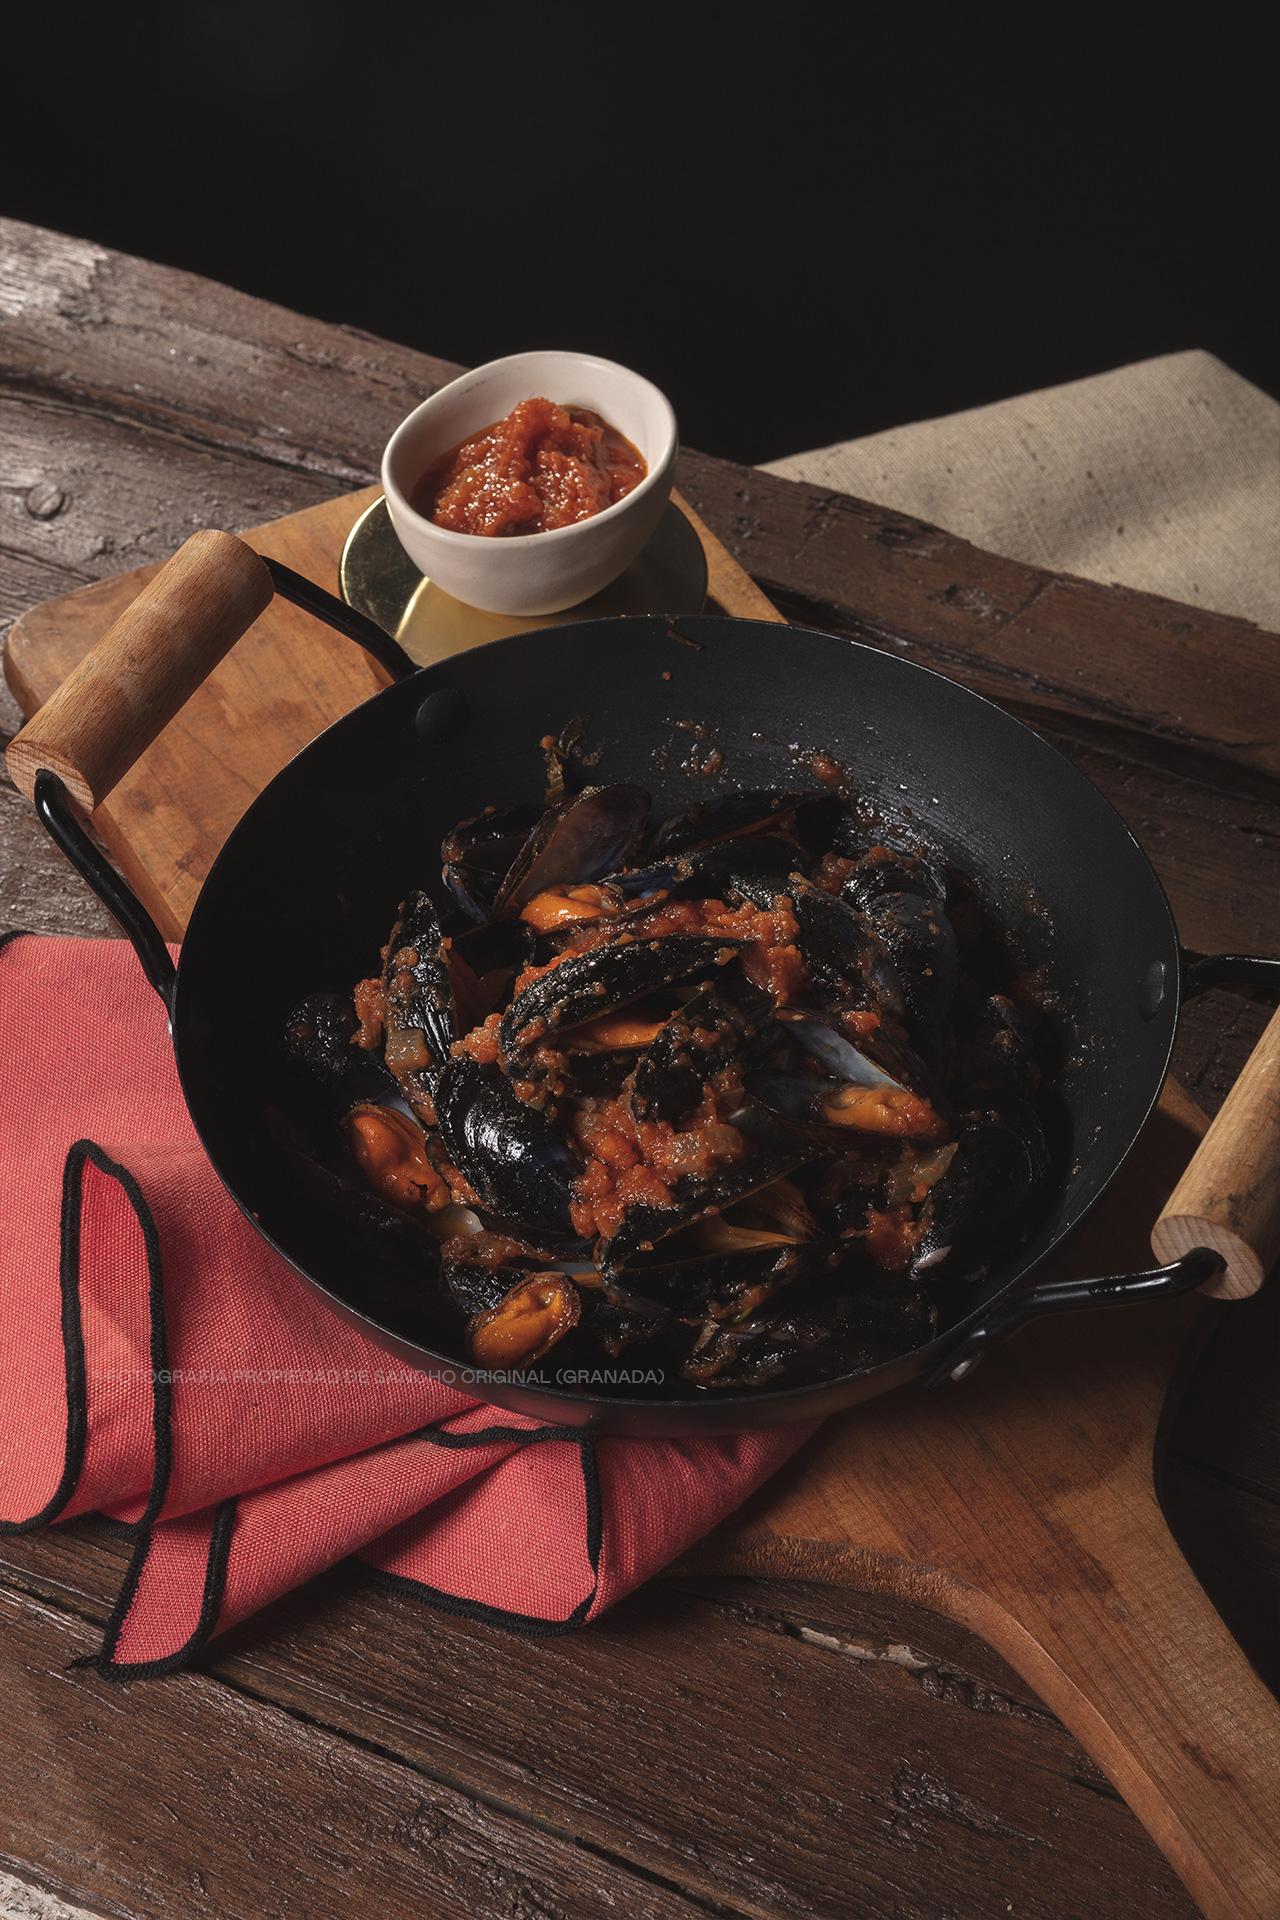 Mejillones a la brasa con salsa de tomate y albahaca de Sancho Original